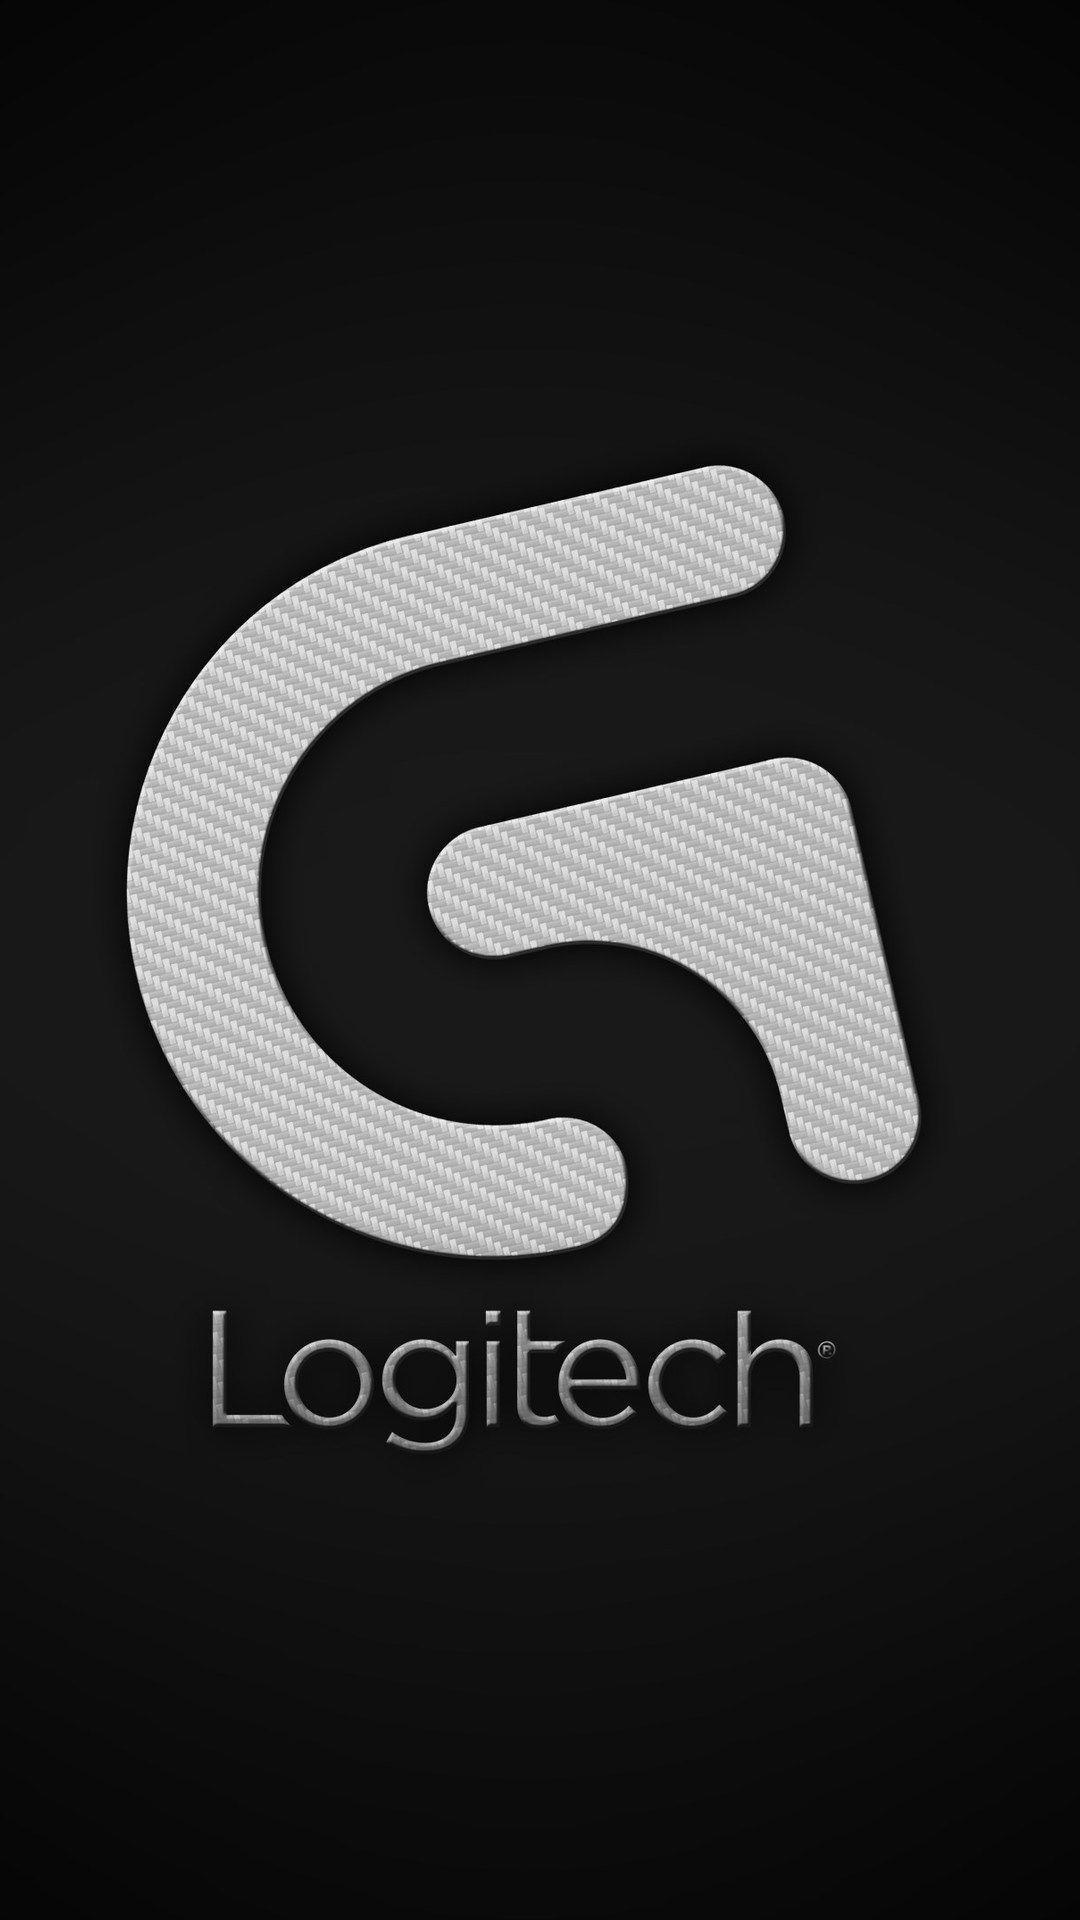 Logitech 4k Wallpapers Top Free Logitech 4k Backgrounds Wallpaperaccess